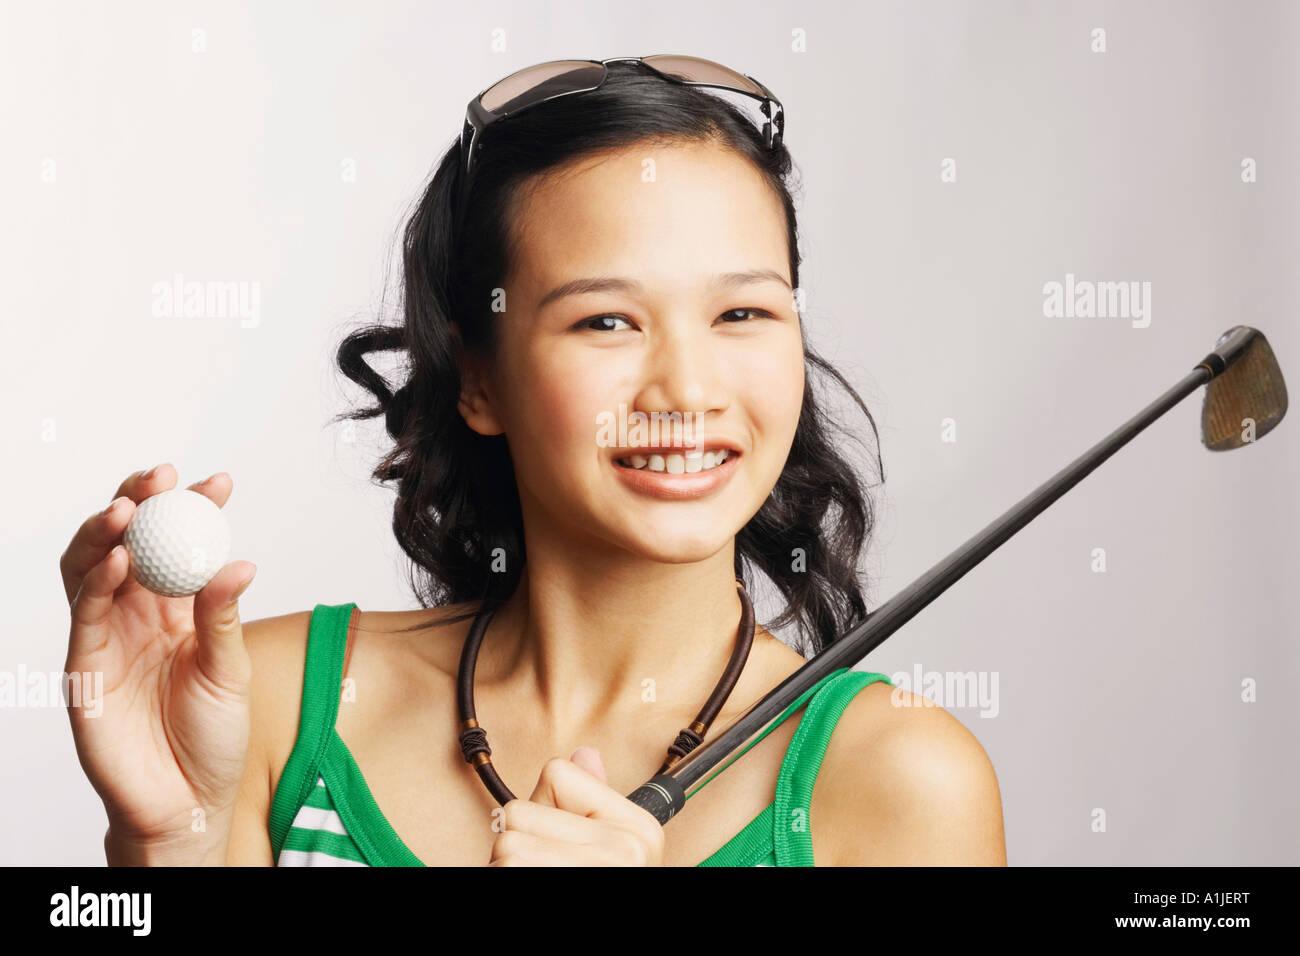 Porträt einer jungen Frau hält ein Golfclub und ein Golfball Stockbild